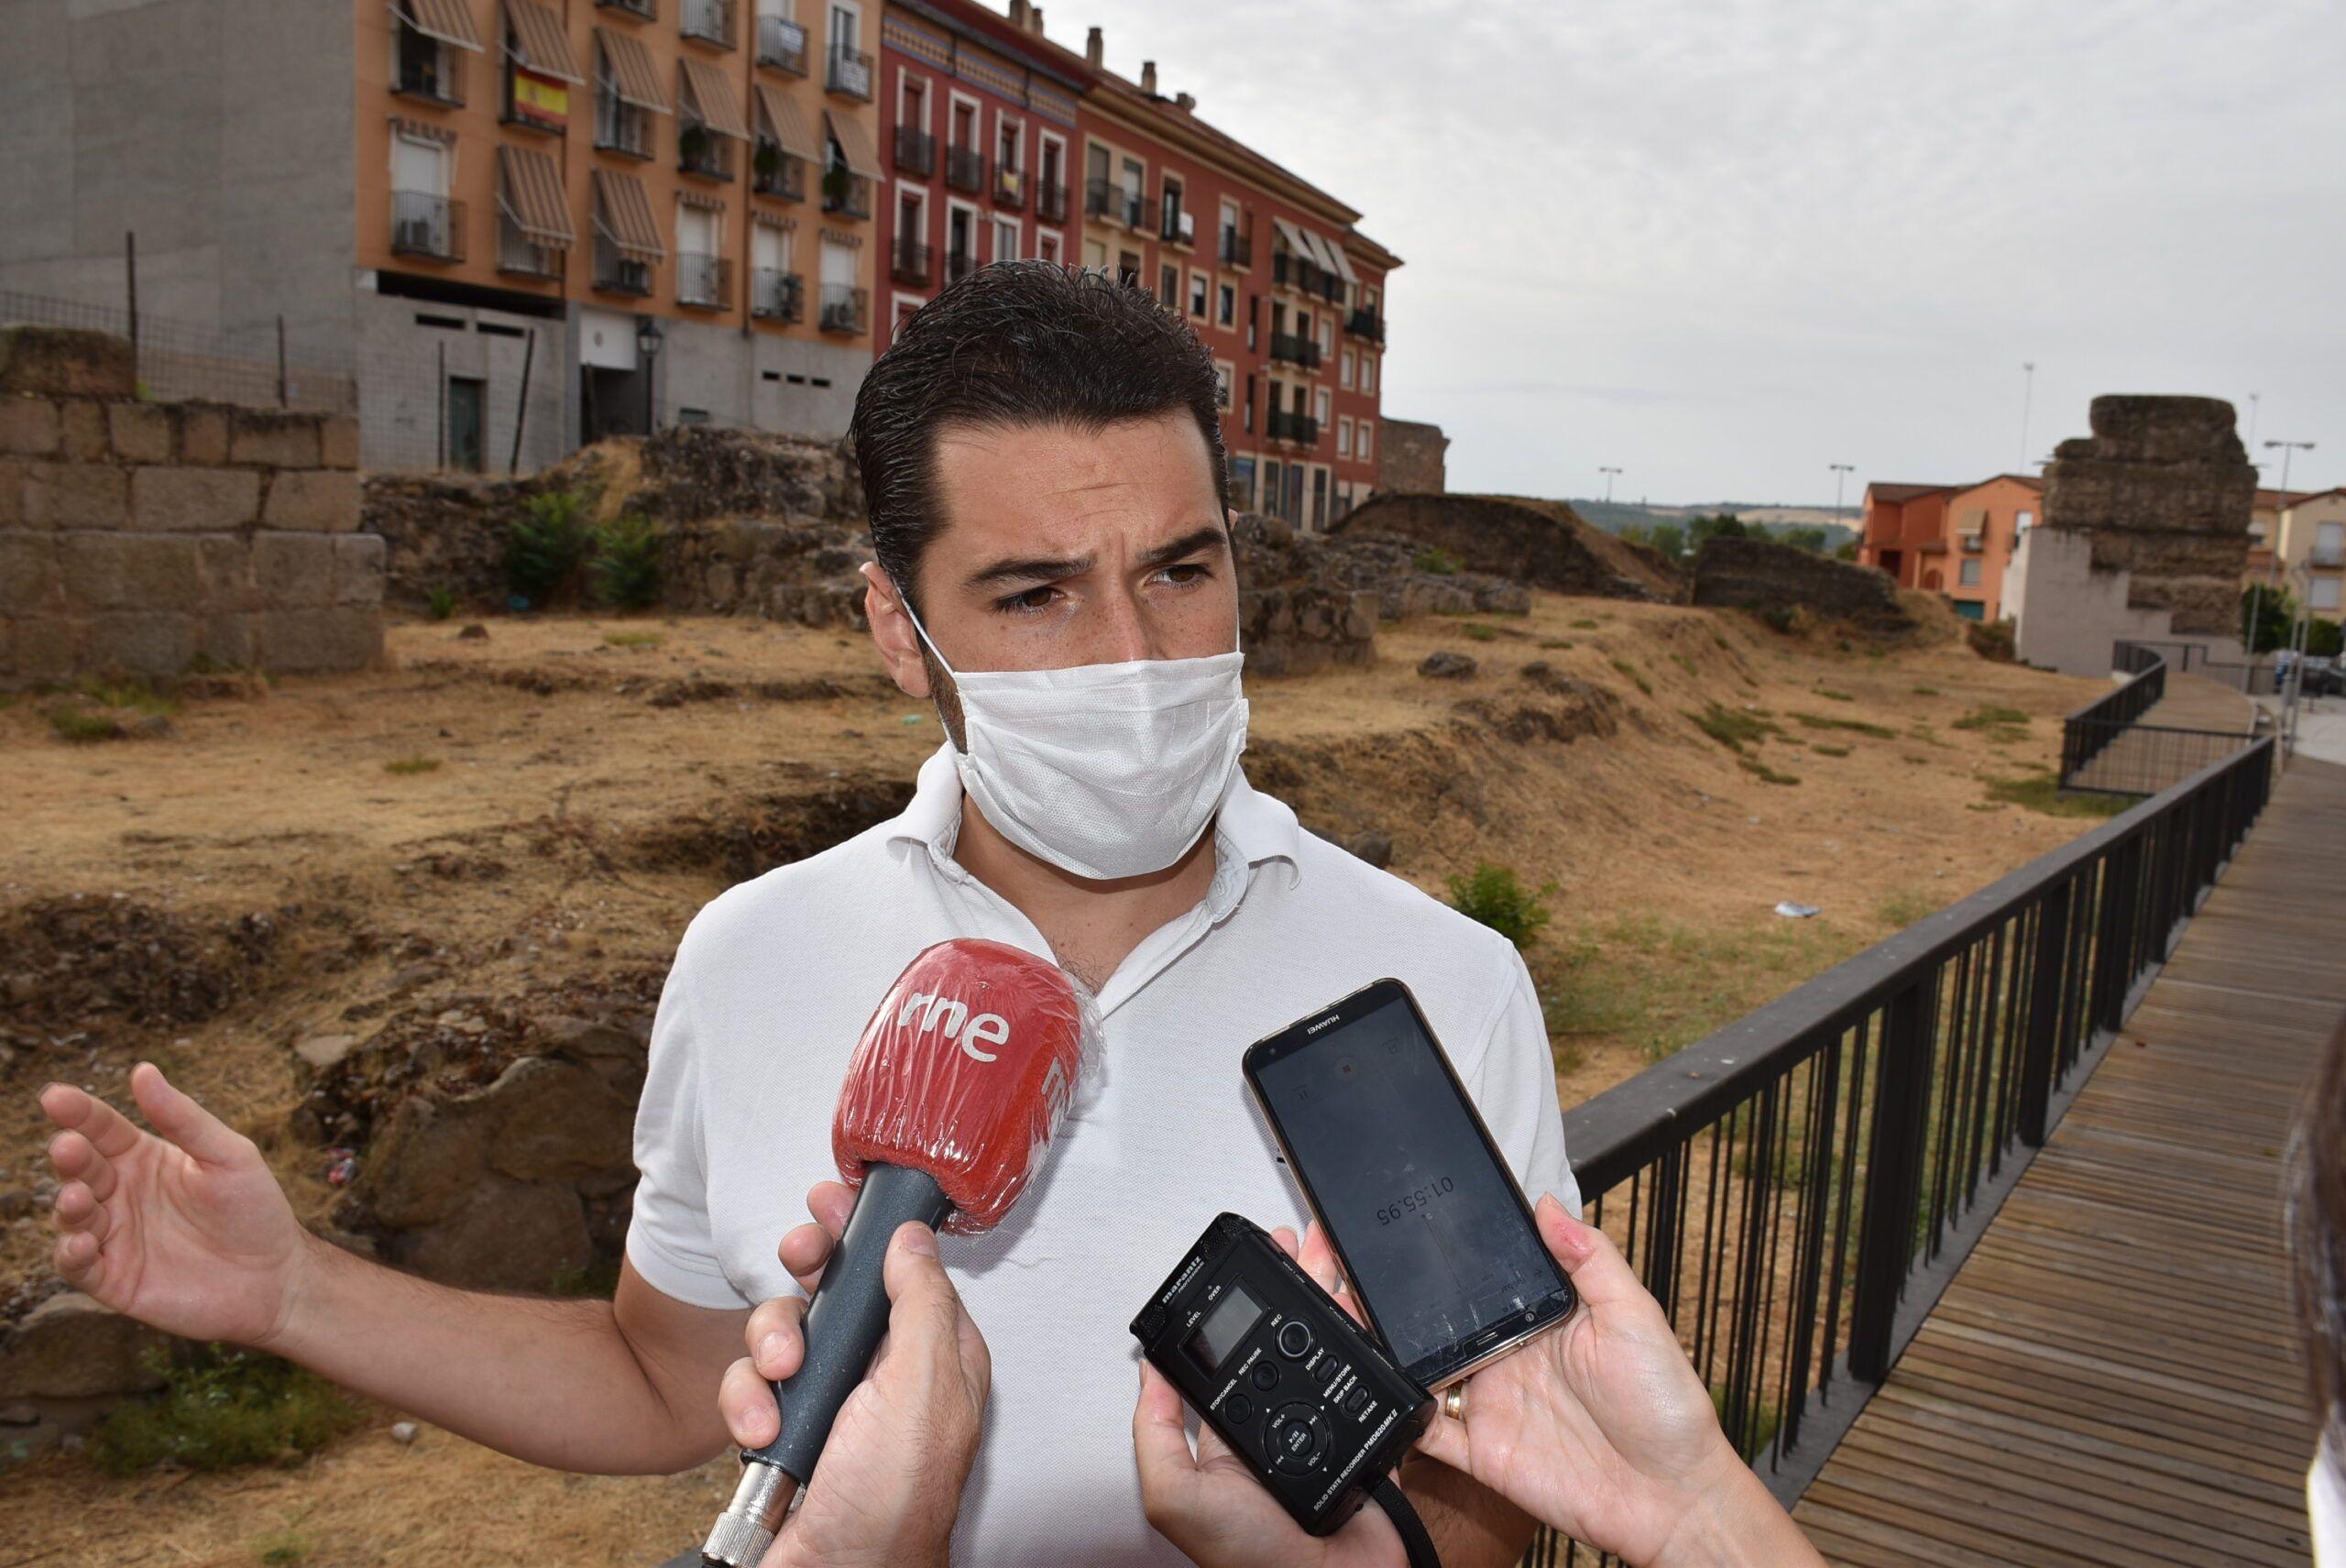 El equipo de Gobierno retoma las intervenciones arqueológicas en el yacimiento urbano de Entretorres después de dos mandatos de vacío del PP